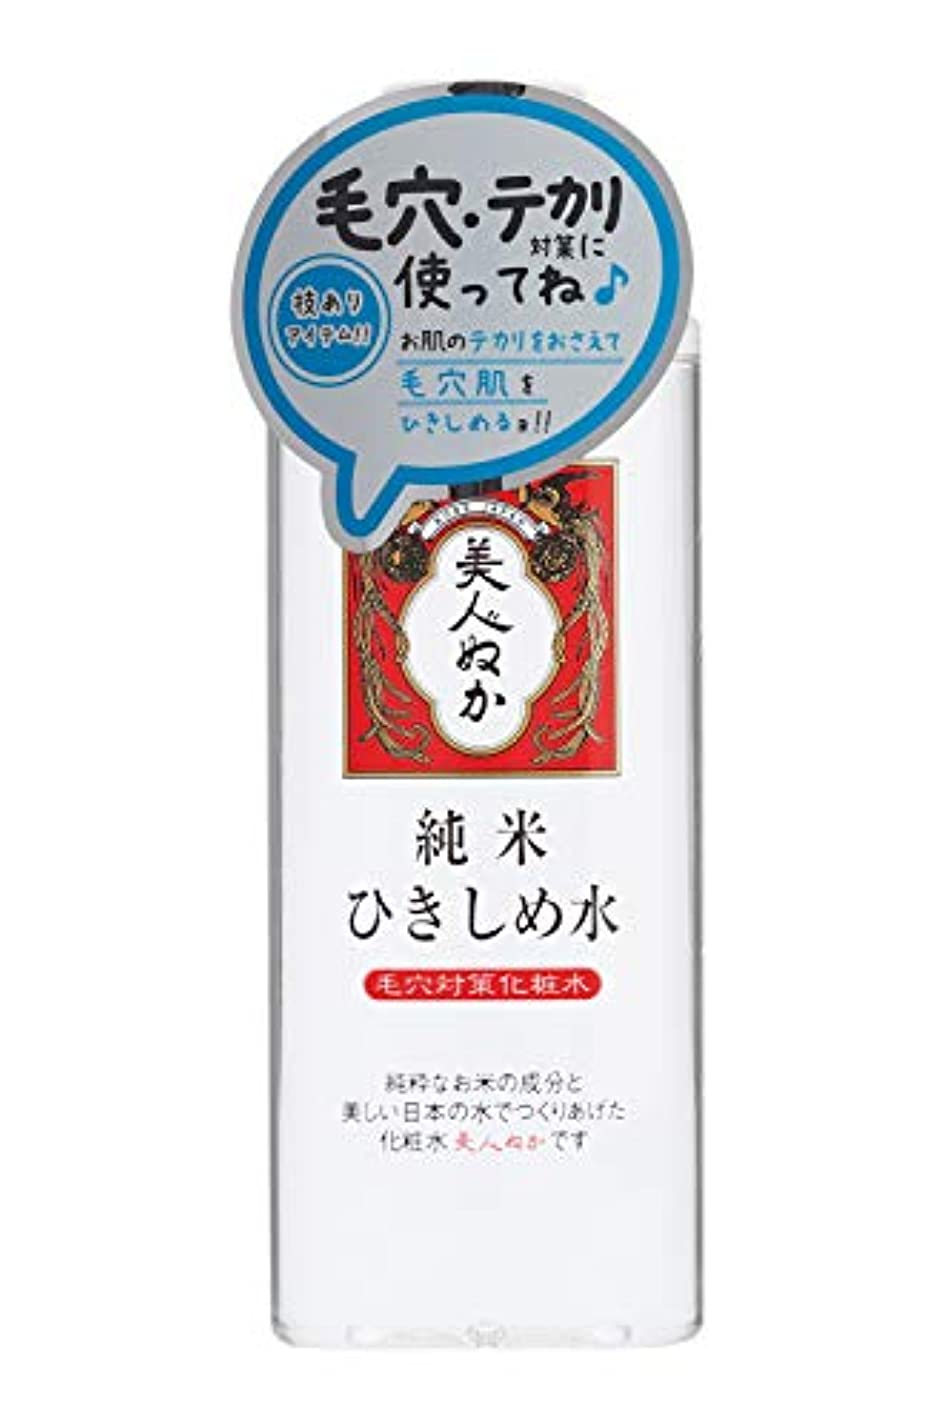 処方耐えられない賢明な美人ぬか 純米ひきしめ水 190mL